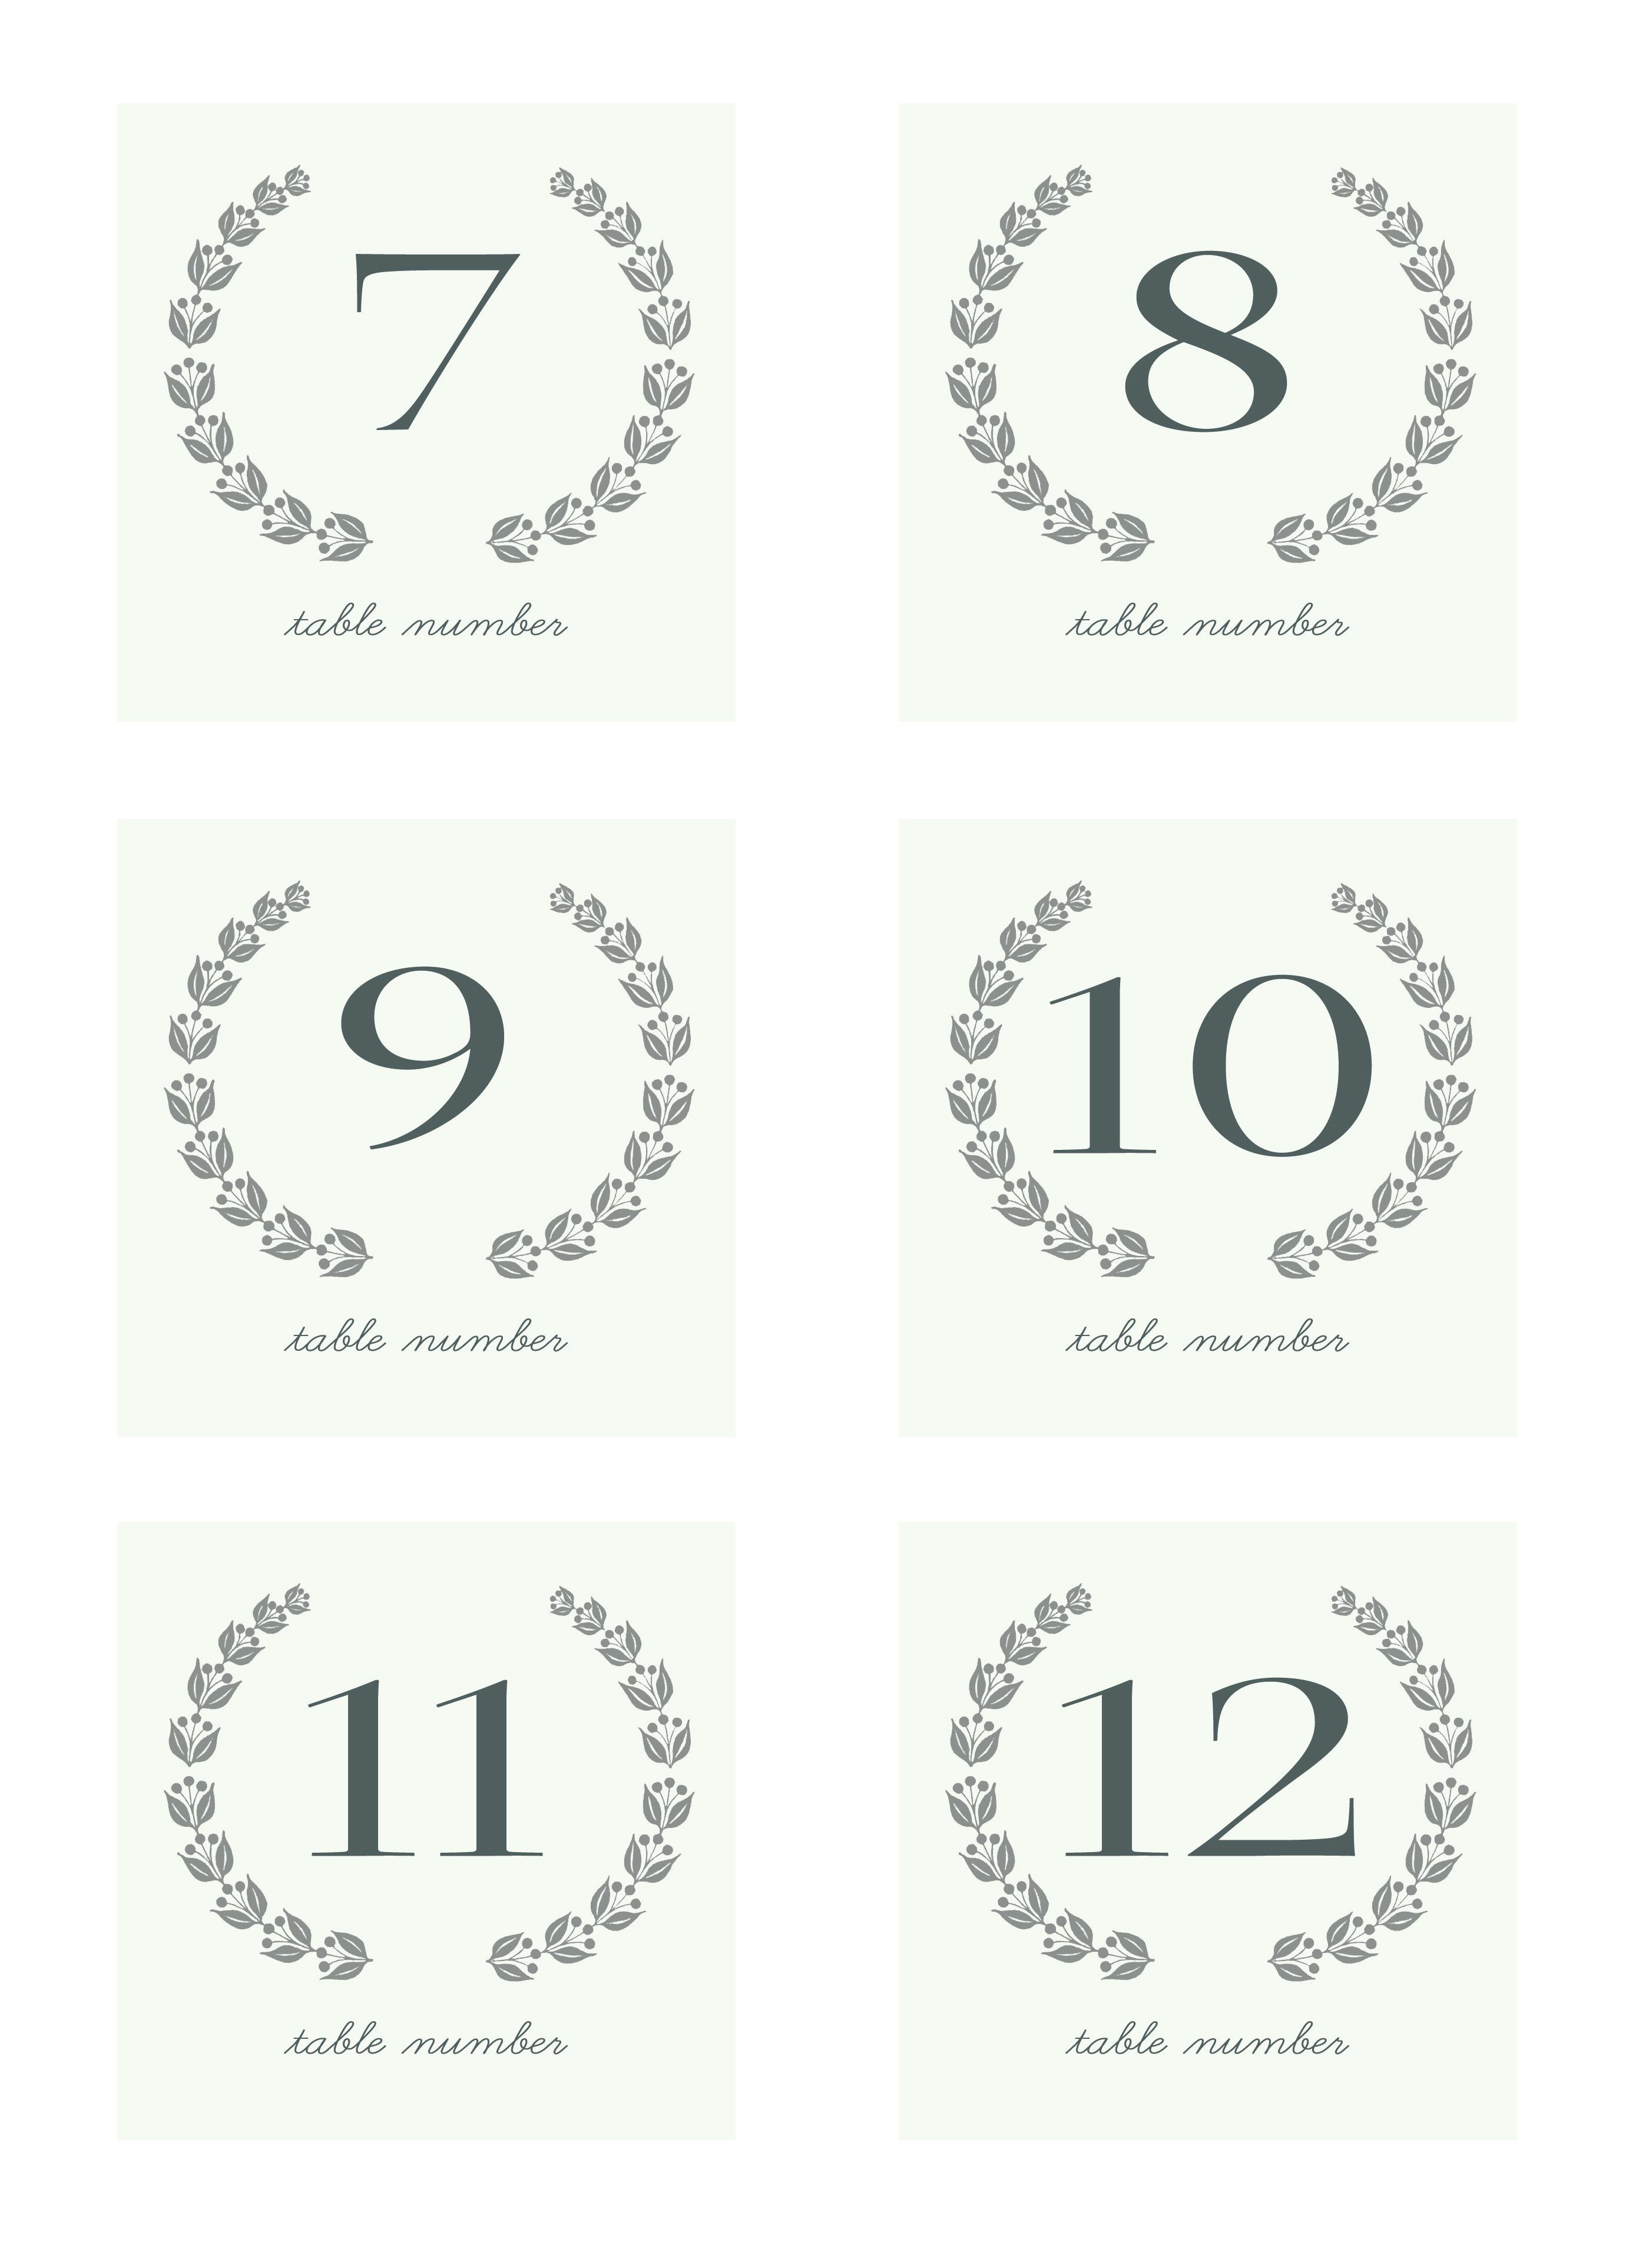 Worksheet Printable Numbers worksheet printable numbers mikyu free kindergarten math for printable